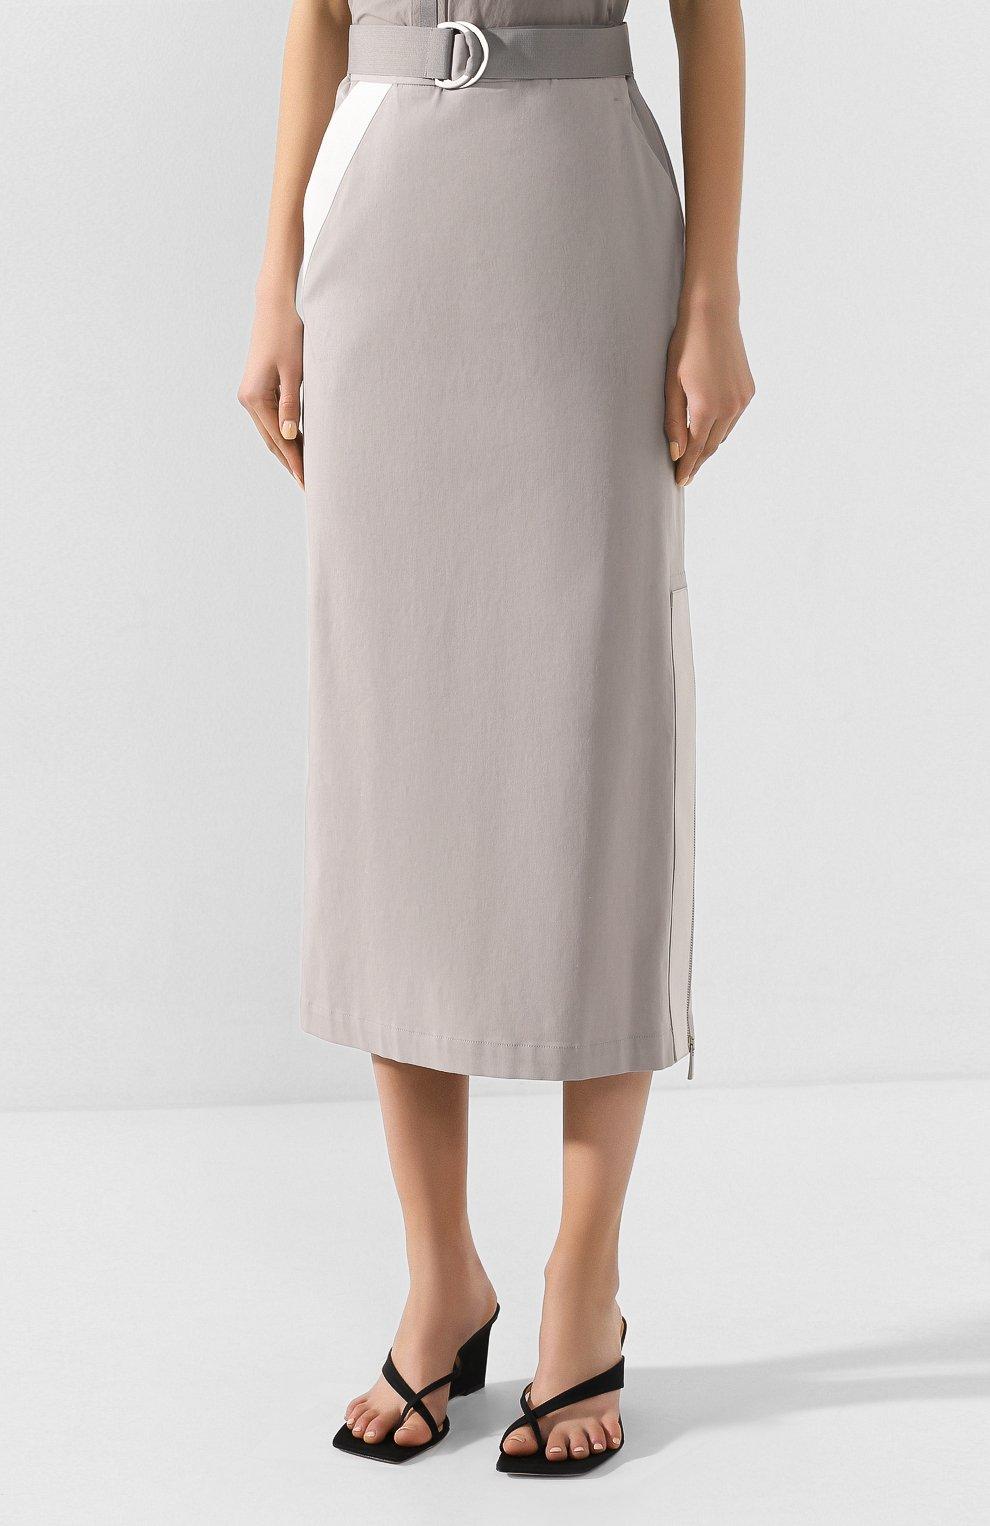 Женская хлопковая юбка LORENA ANTONIAZZI серого цвета, арт. P2033G0006/3184 | Фото 3 (Женское Кросс-КТ: Юбка-карандаш; Материал внешний: Хлопок; Длина Ж (юбки, платья, шорты): Миди)